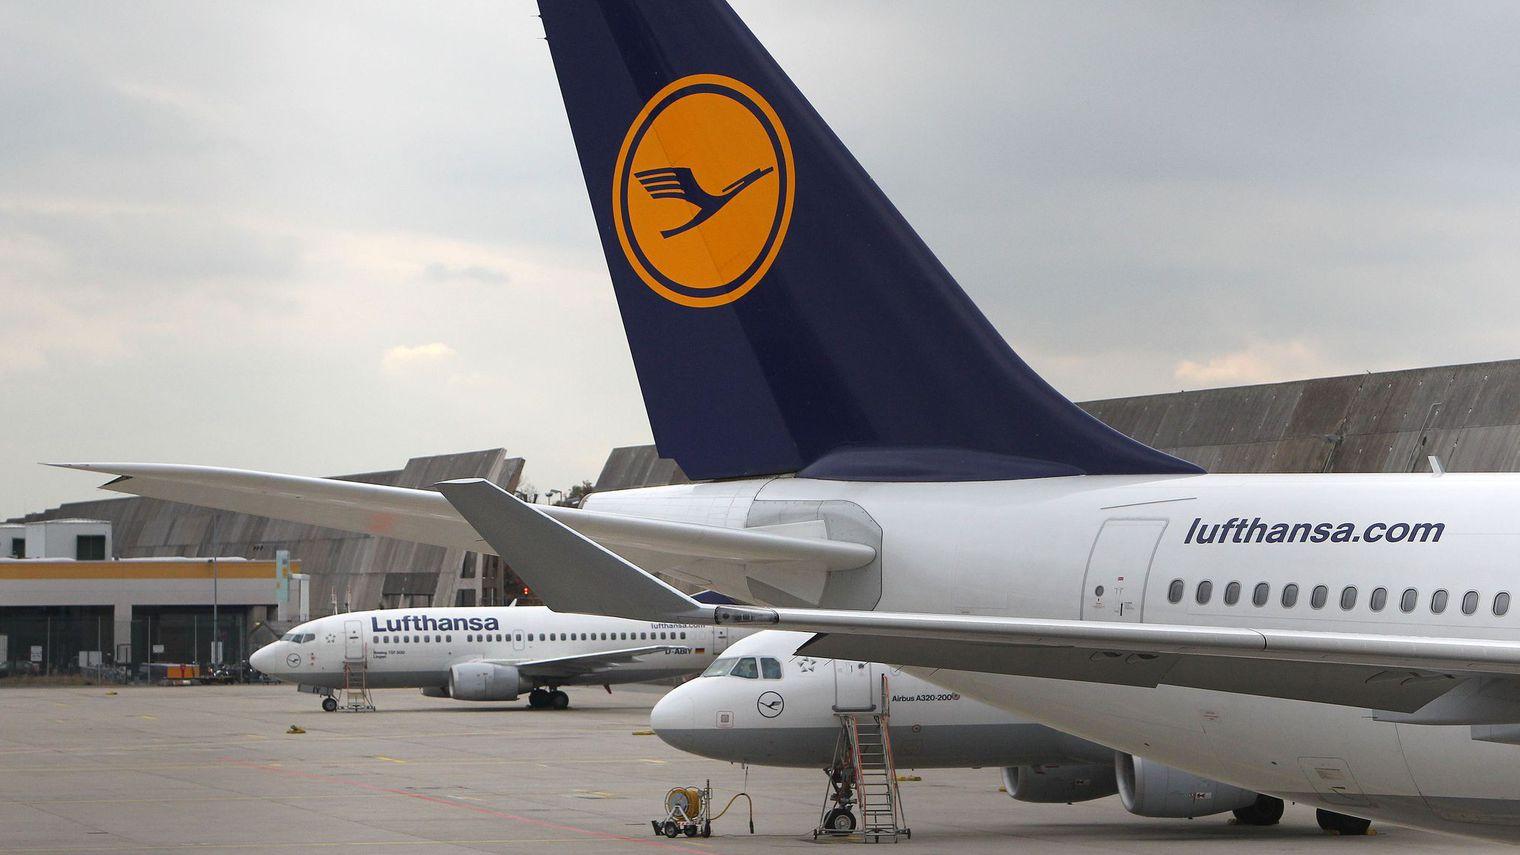 Des pilotes refusent de rapatrier des migrants expulsés d'Allemagne